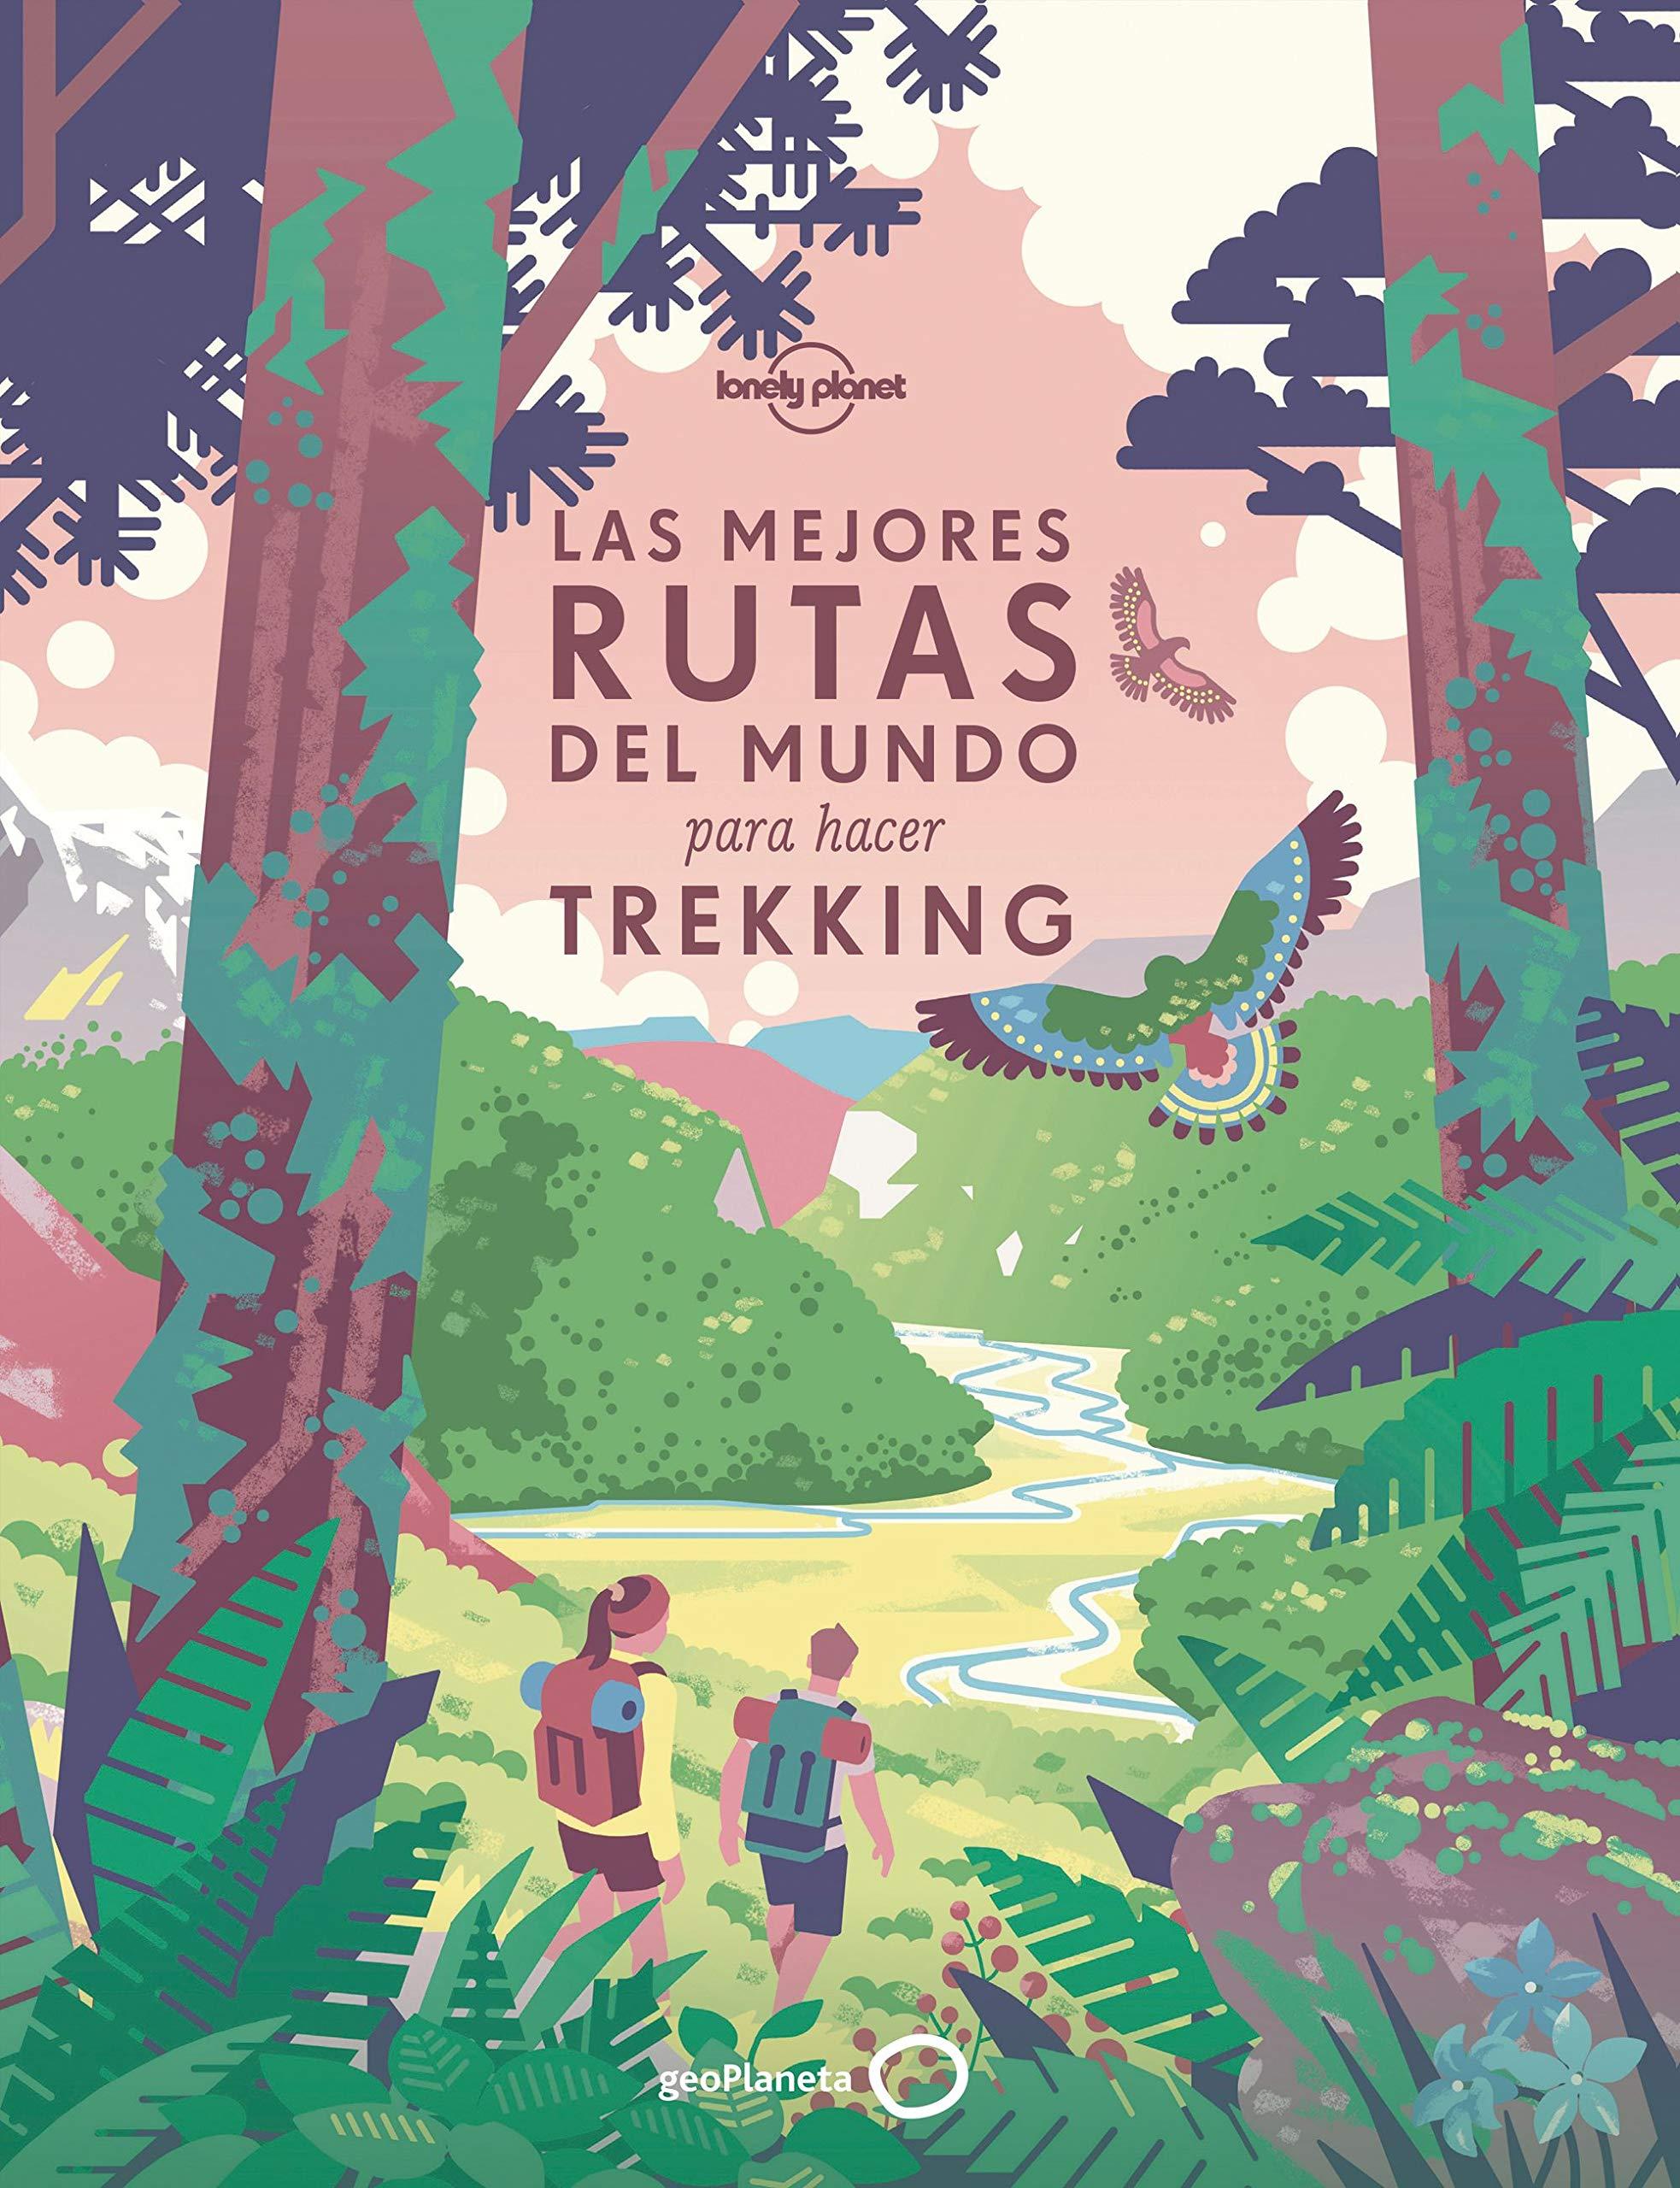 Las mejores rutas del mundo para hacer trekking (Ilustrados)